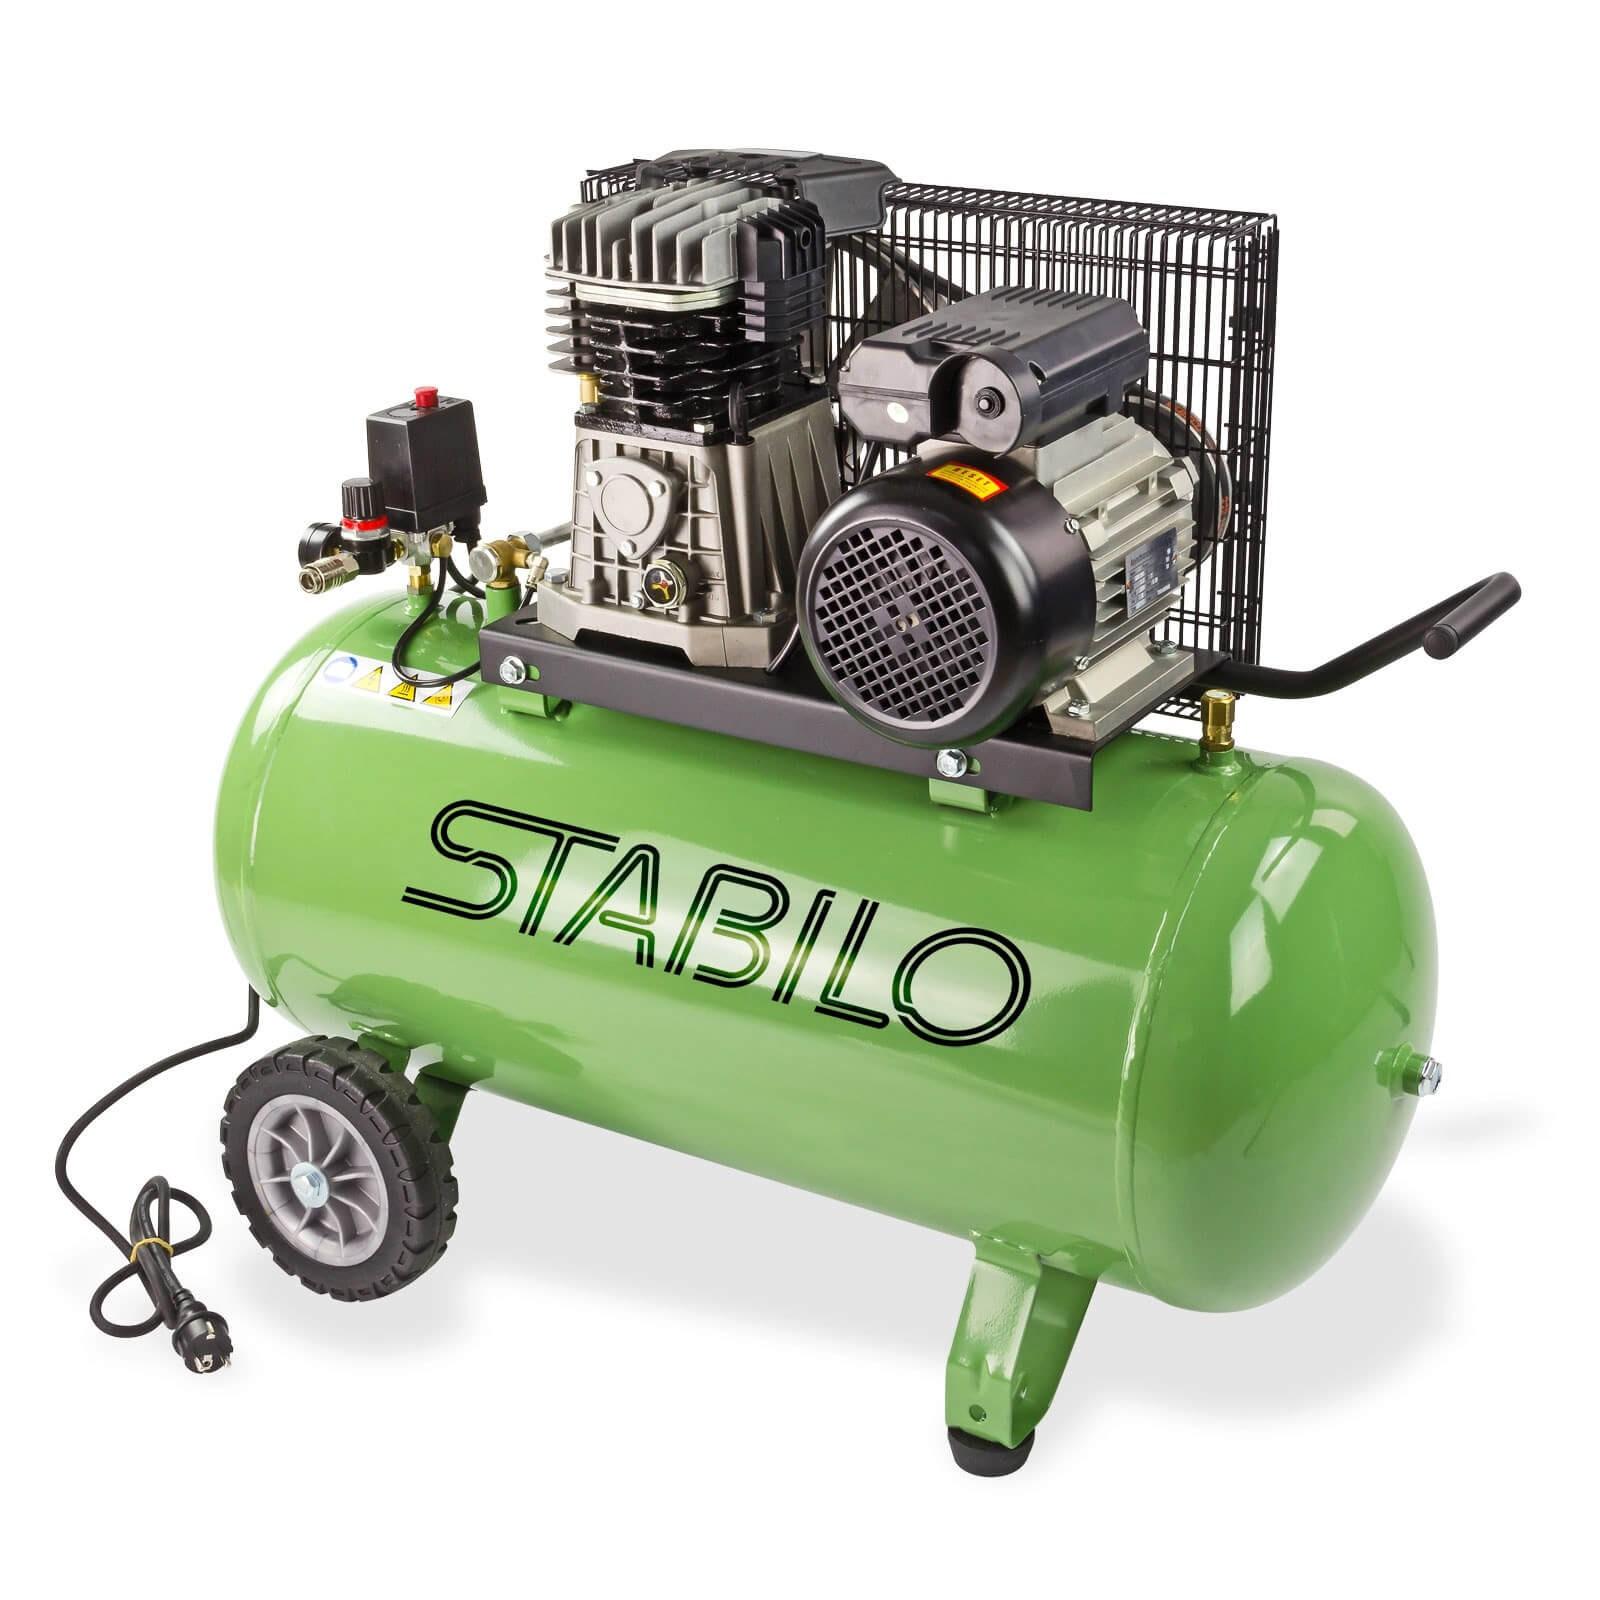 Kompressor Mit Zubehör : kompressor kolbenkompressor druckluftkompressor 450 10 100 ~ Watch28wear.com Haus und Dekorationen